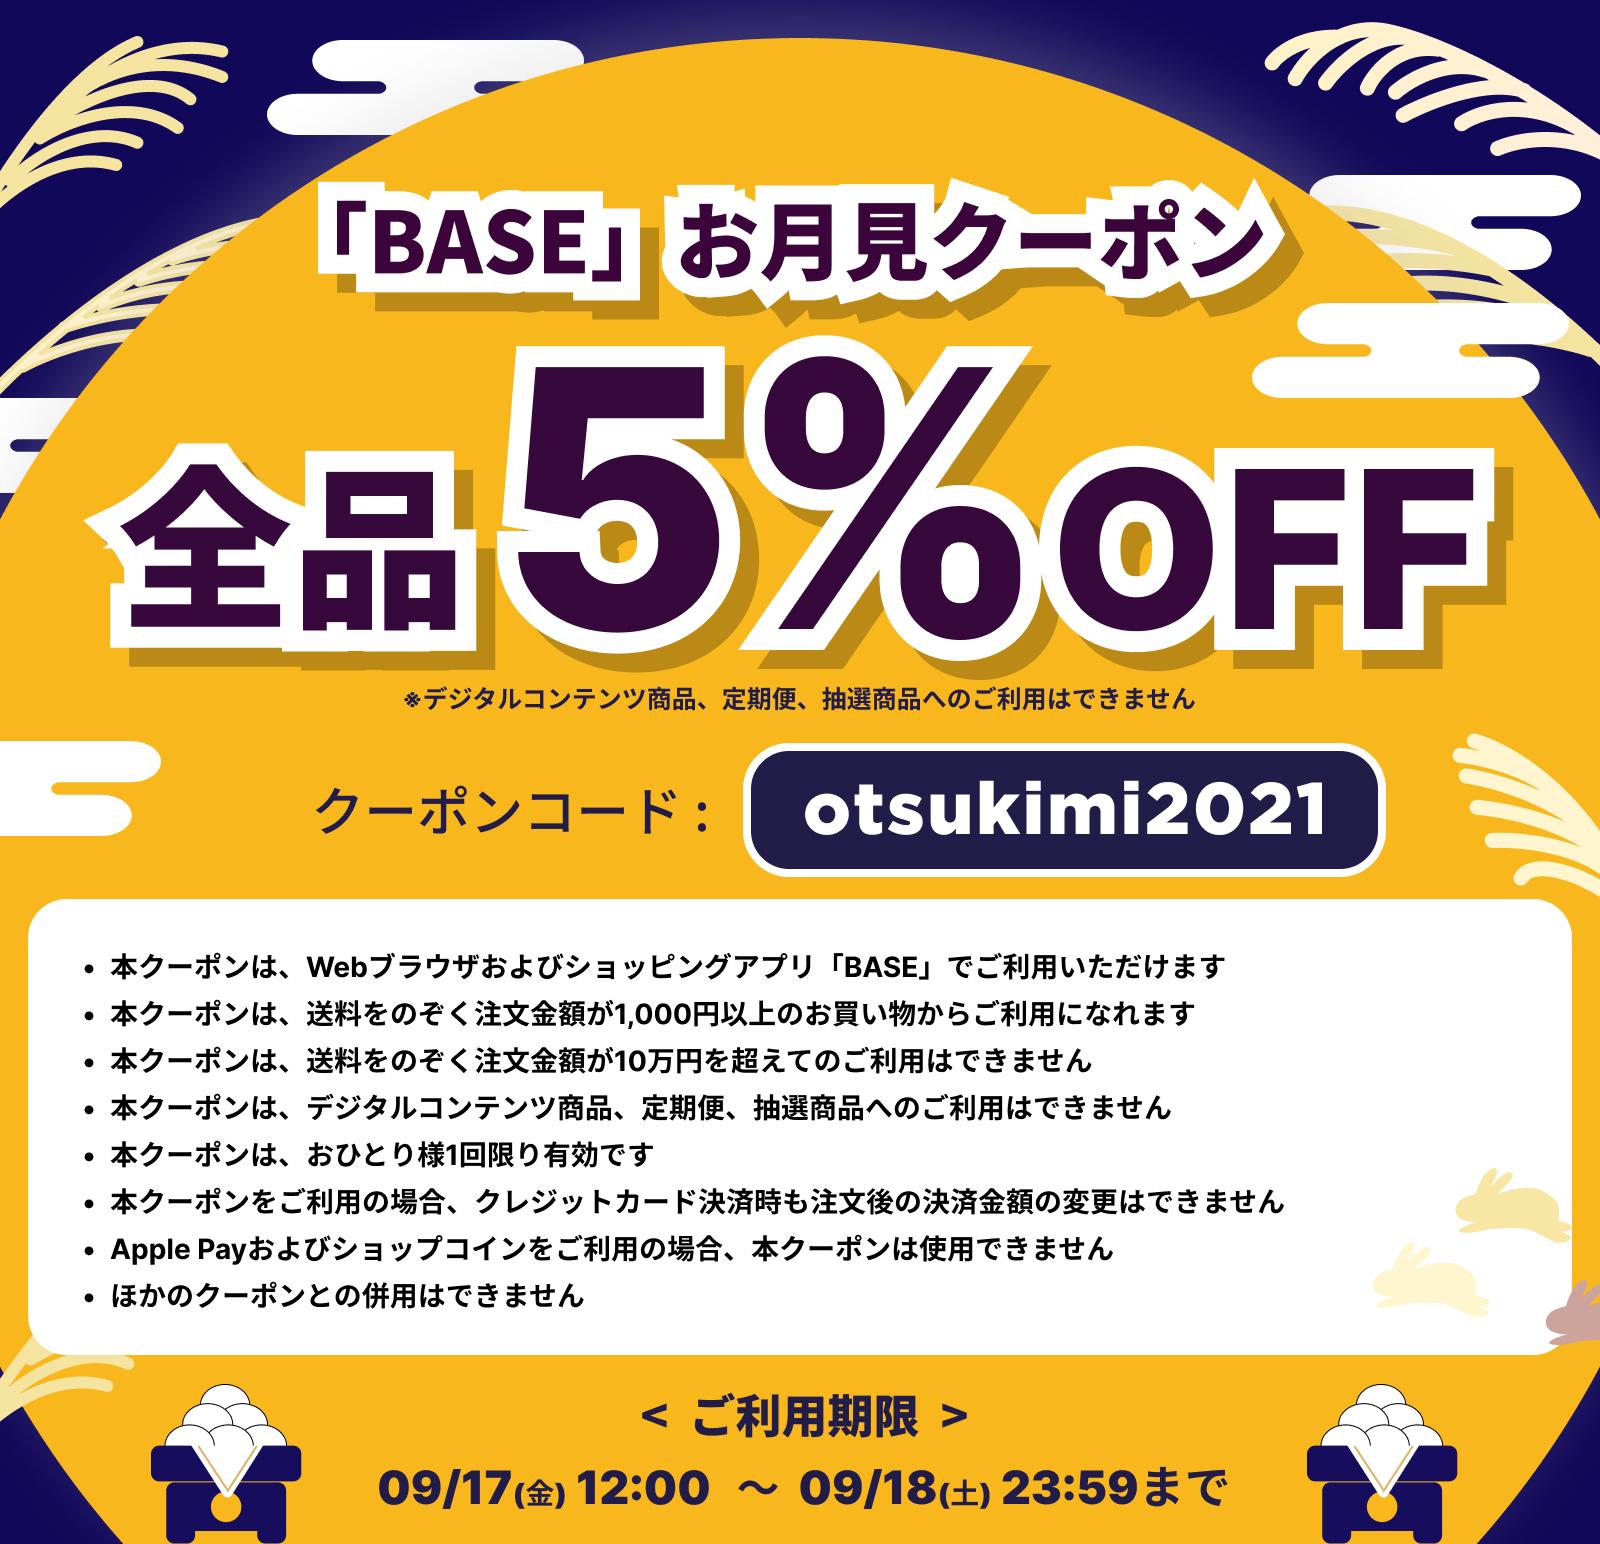 【9/17~9/18 期間限定】 「BASE」お月見クーポンキャンペーン! お得な5%OFFクーポン